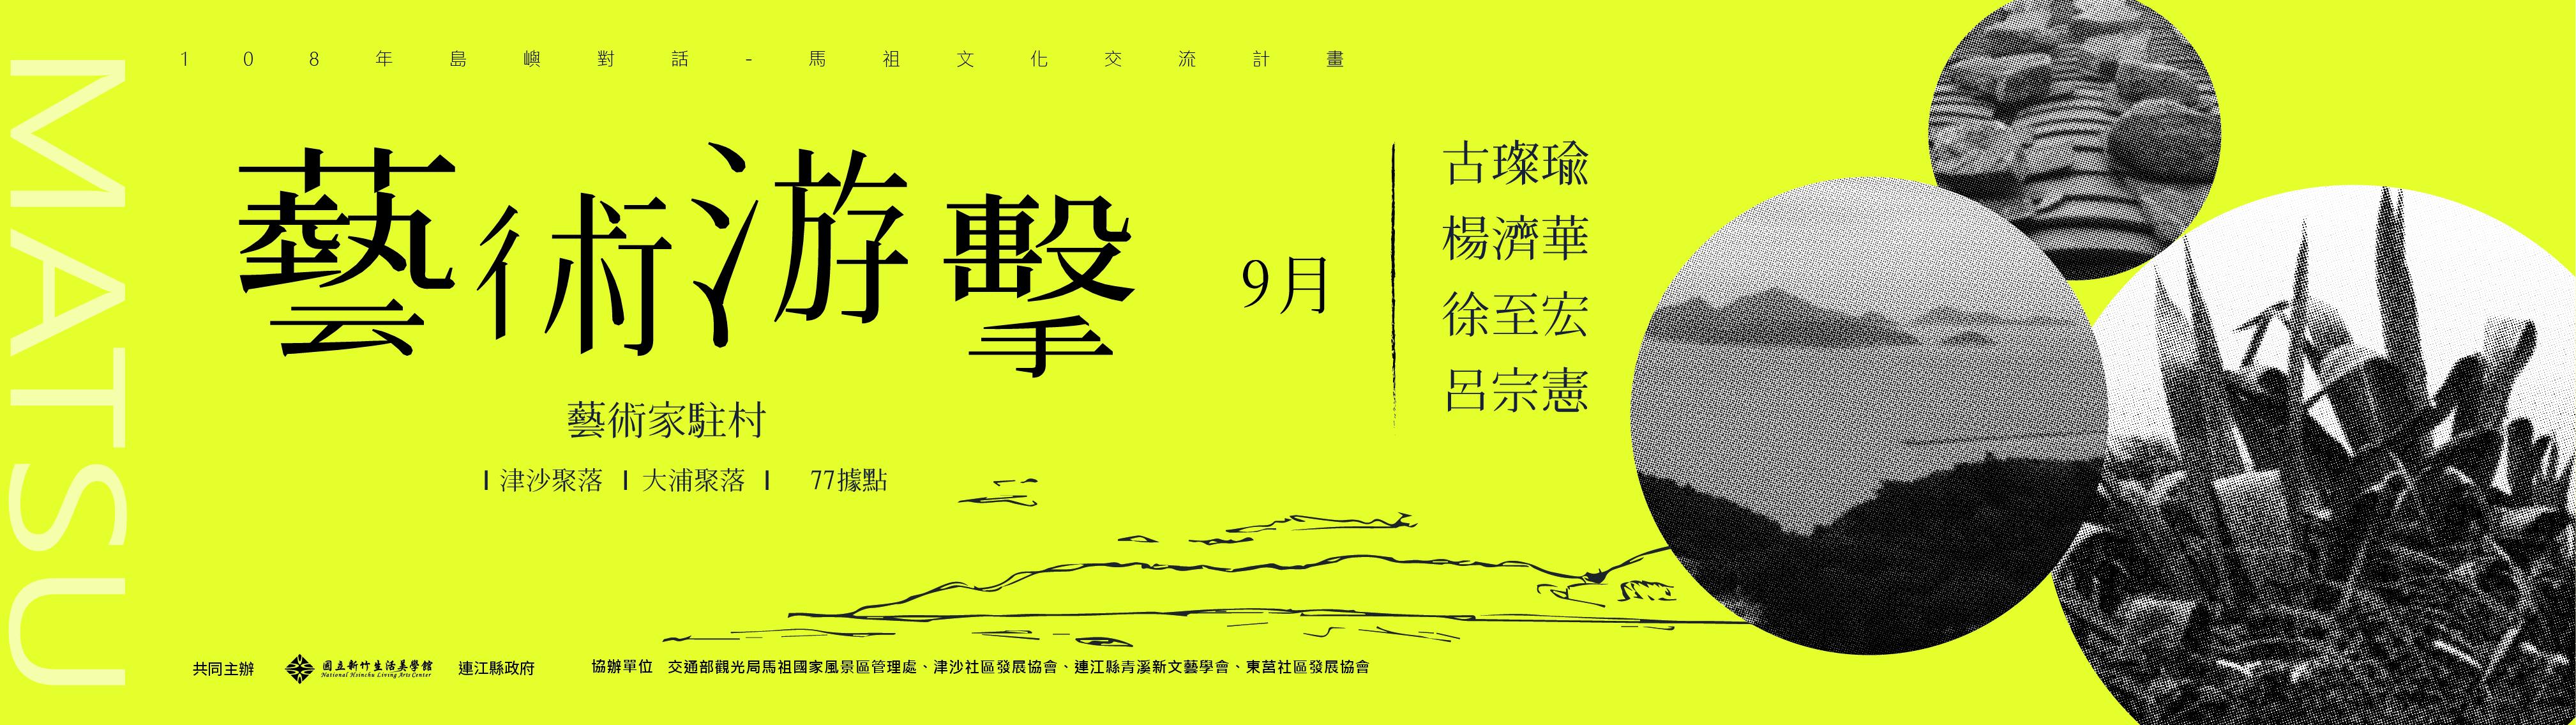 108年島嶼對話-馬祖文化交流計畫 「藝術游擊」藝術家駐村